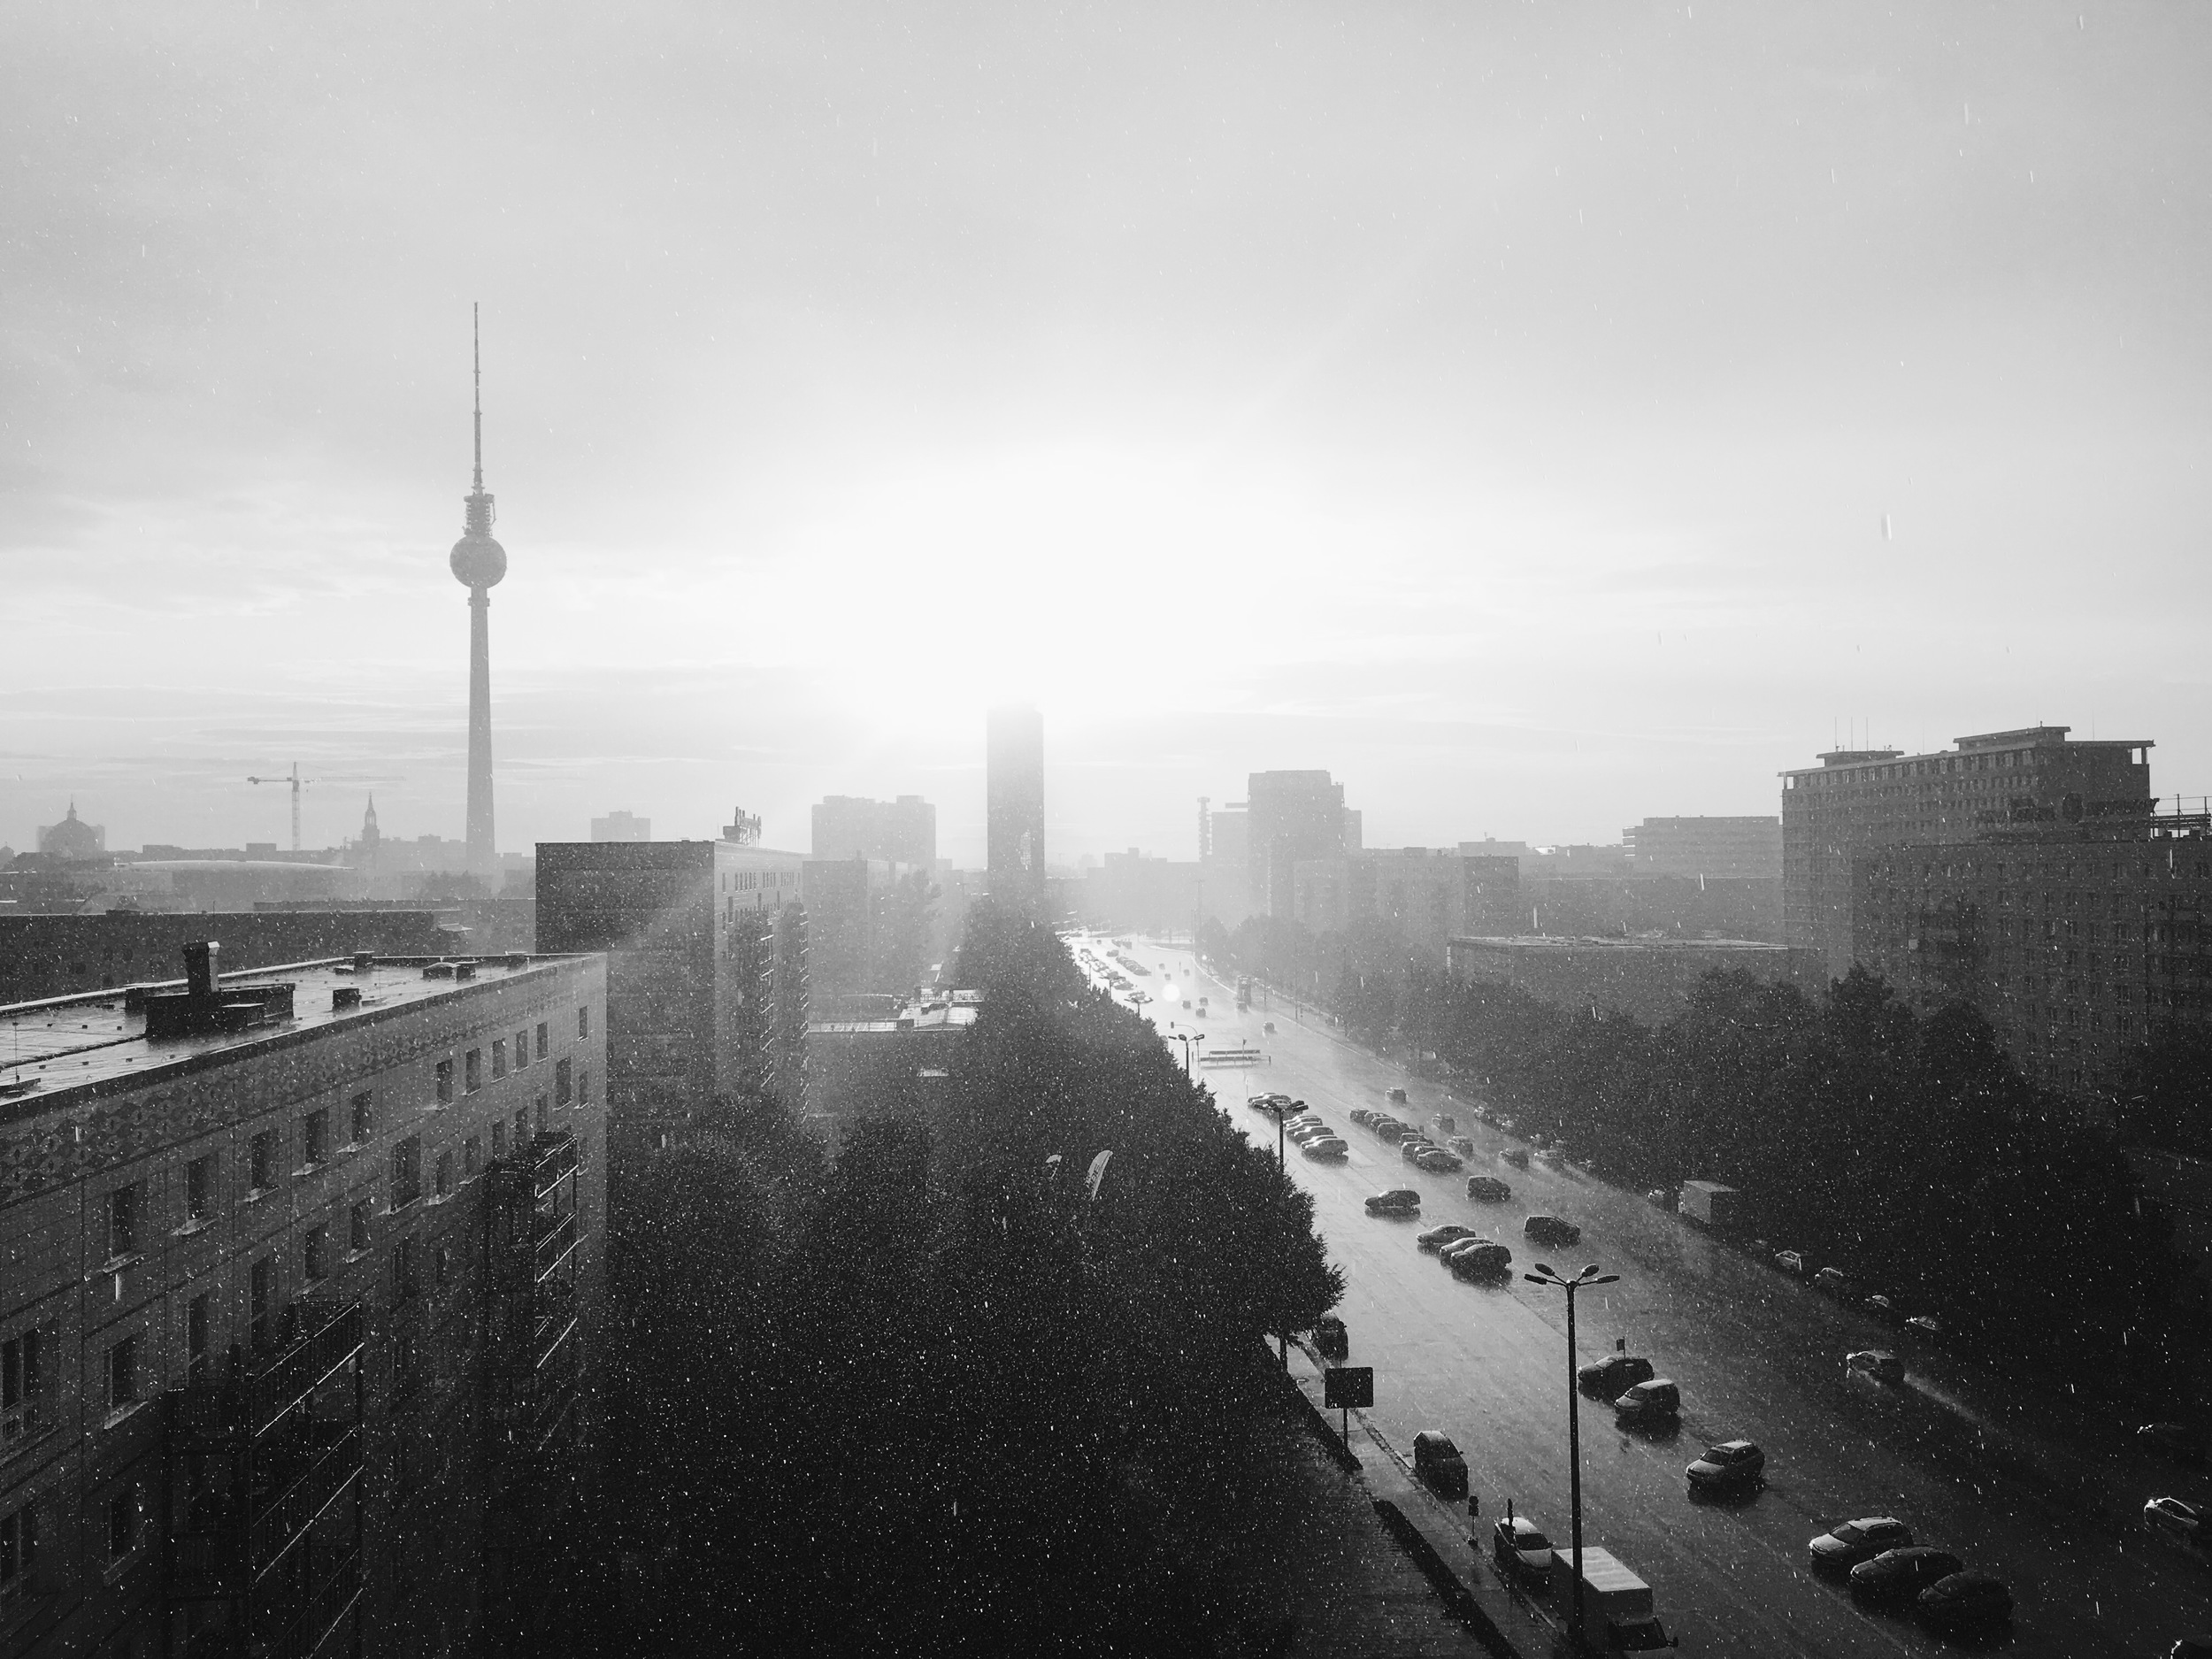 Berlin, July 2016